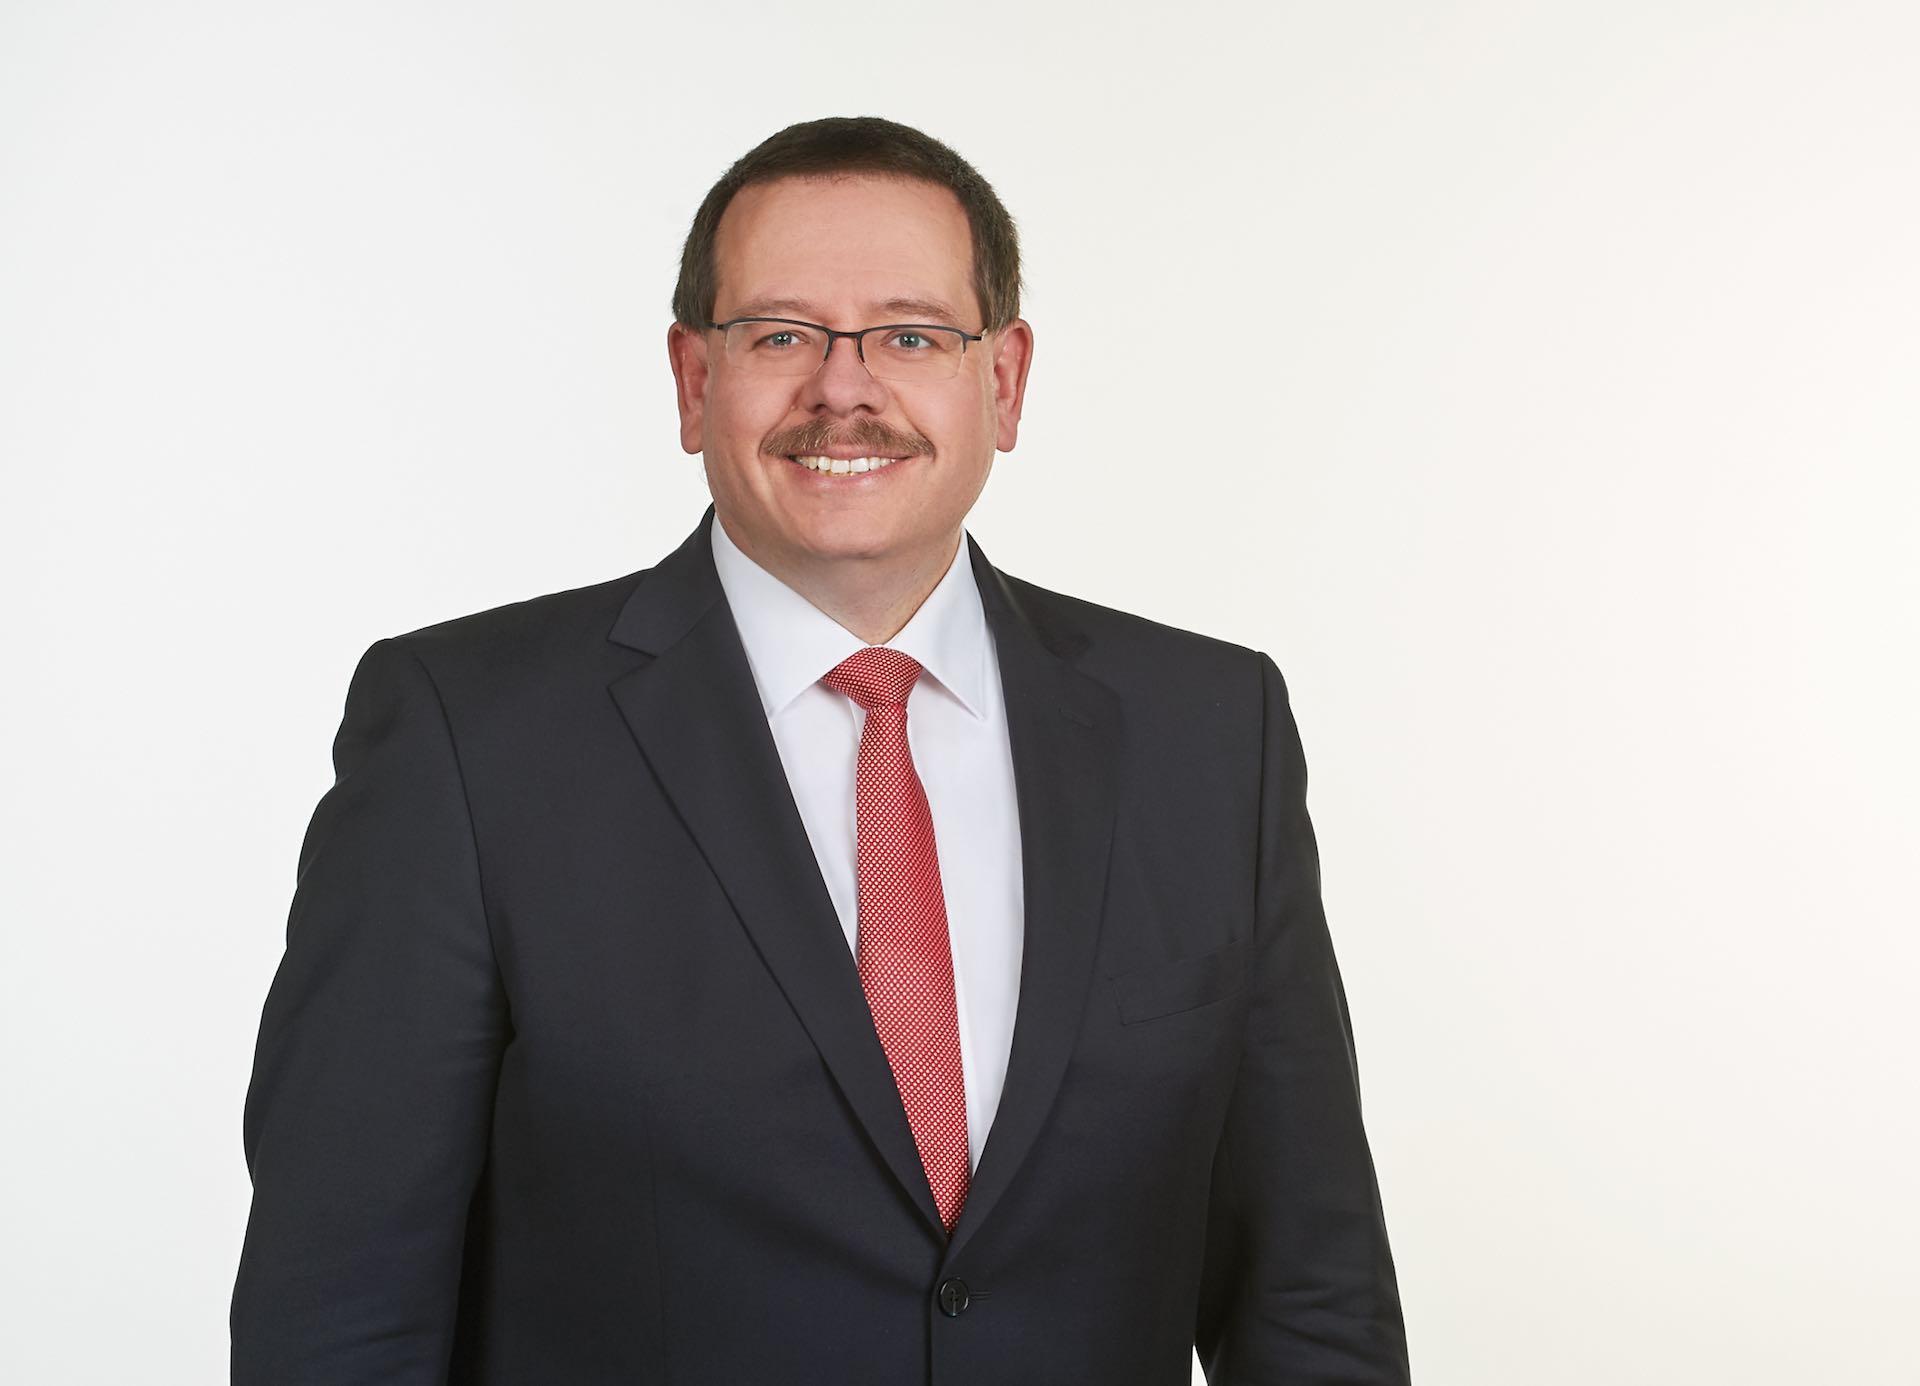 Thorsten Knaup